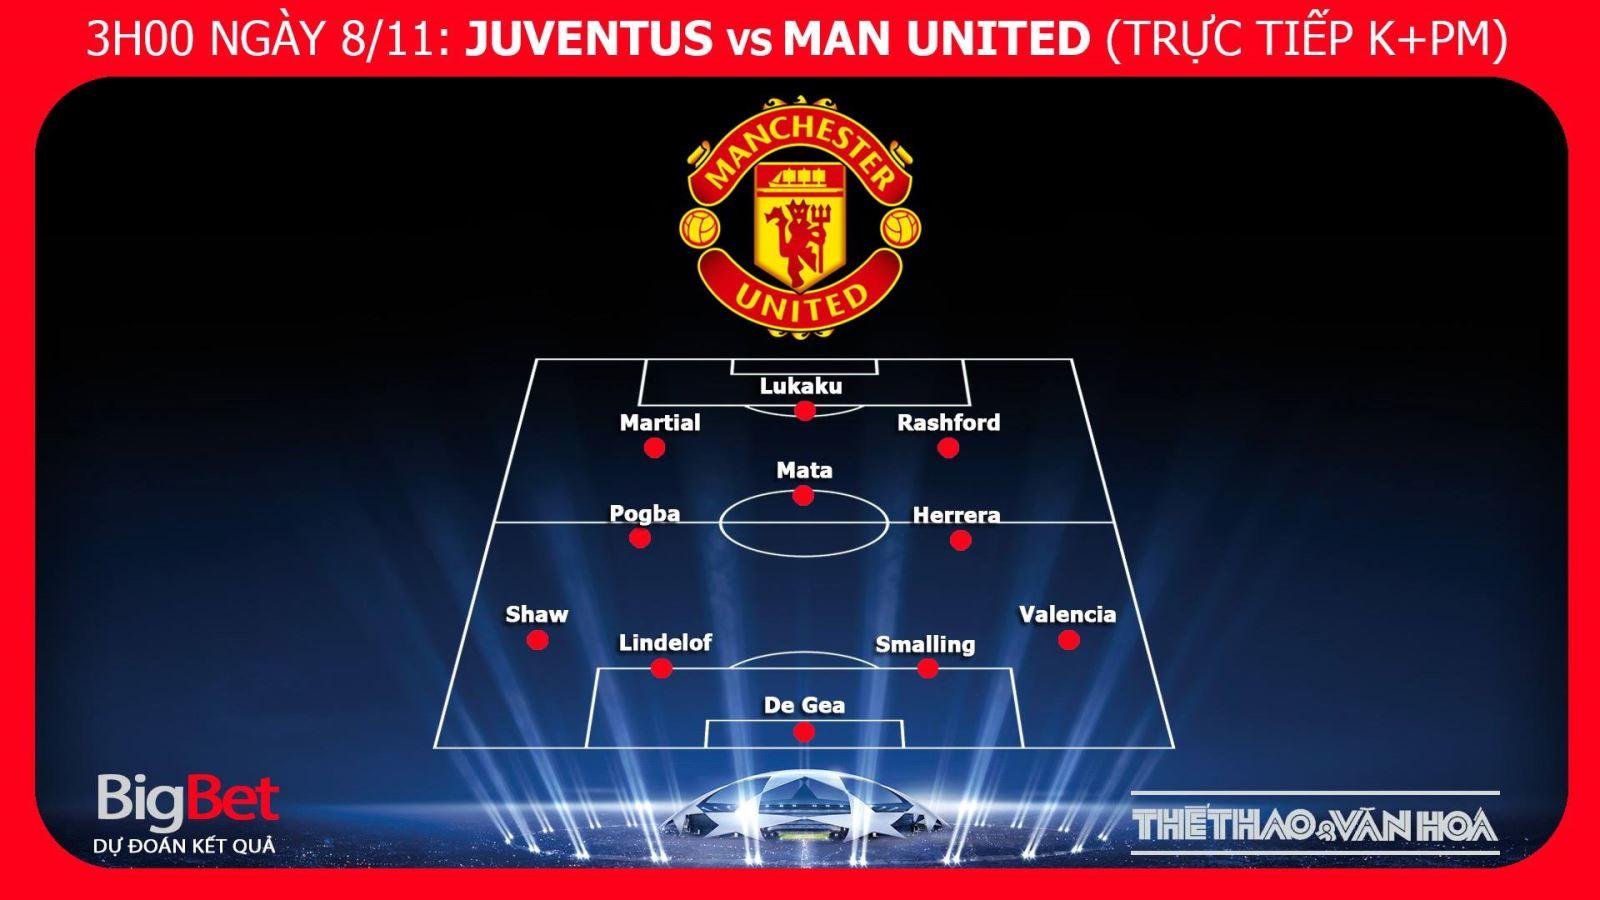 Kèo MU. Kèo Juventus vs MU. Kèo MU vs Juve. Nhận định Juve MU. Dự đoán bóng đá